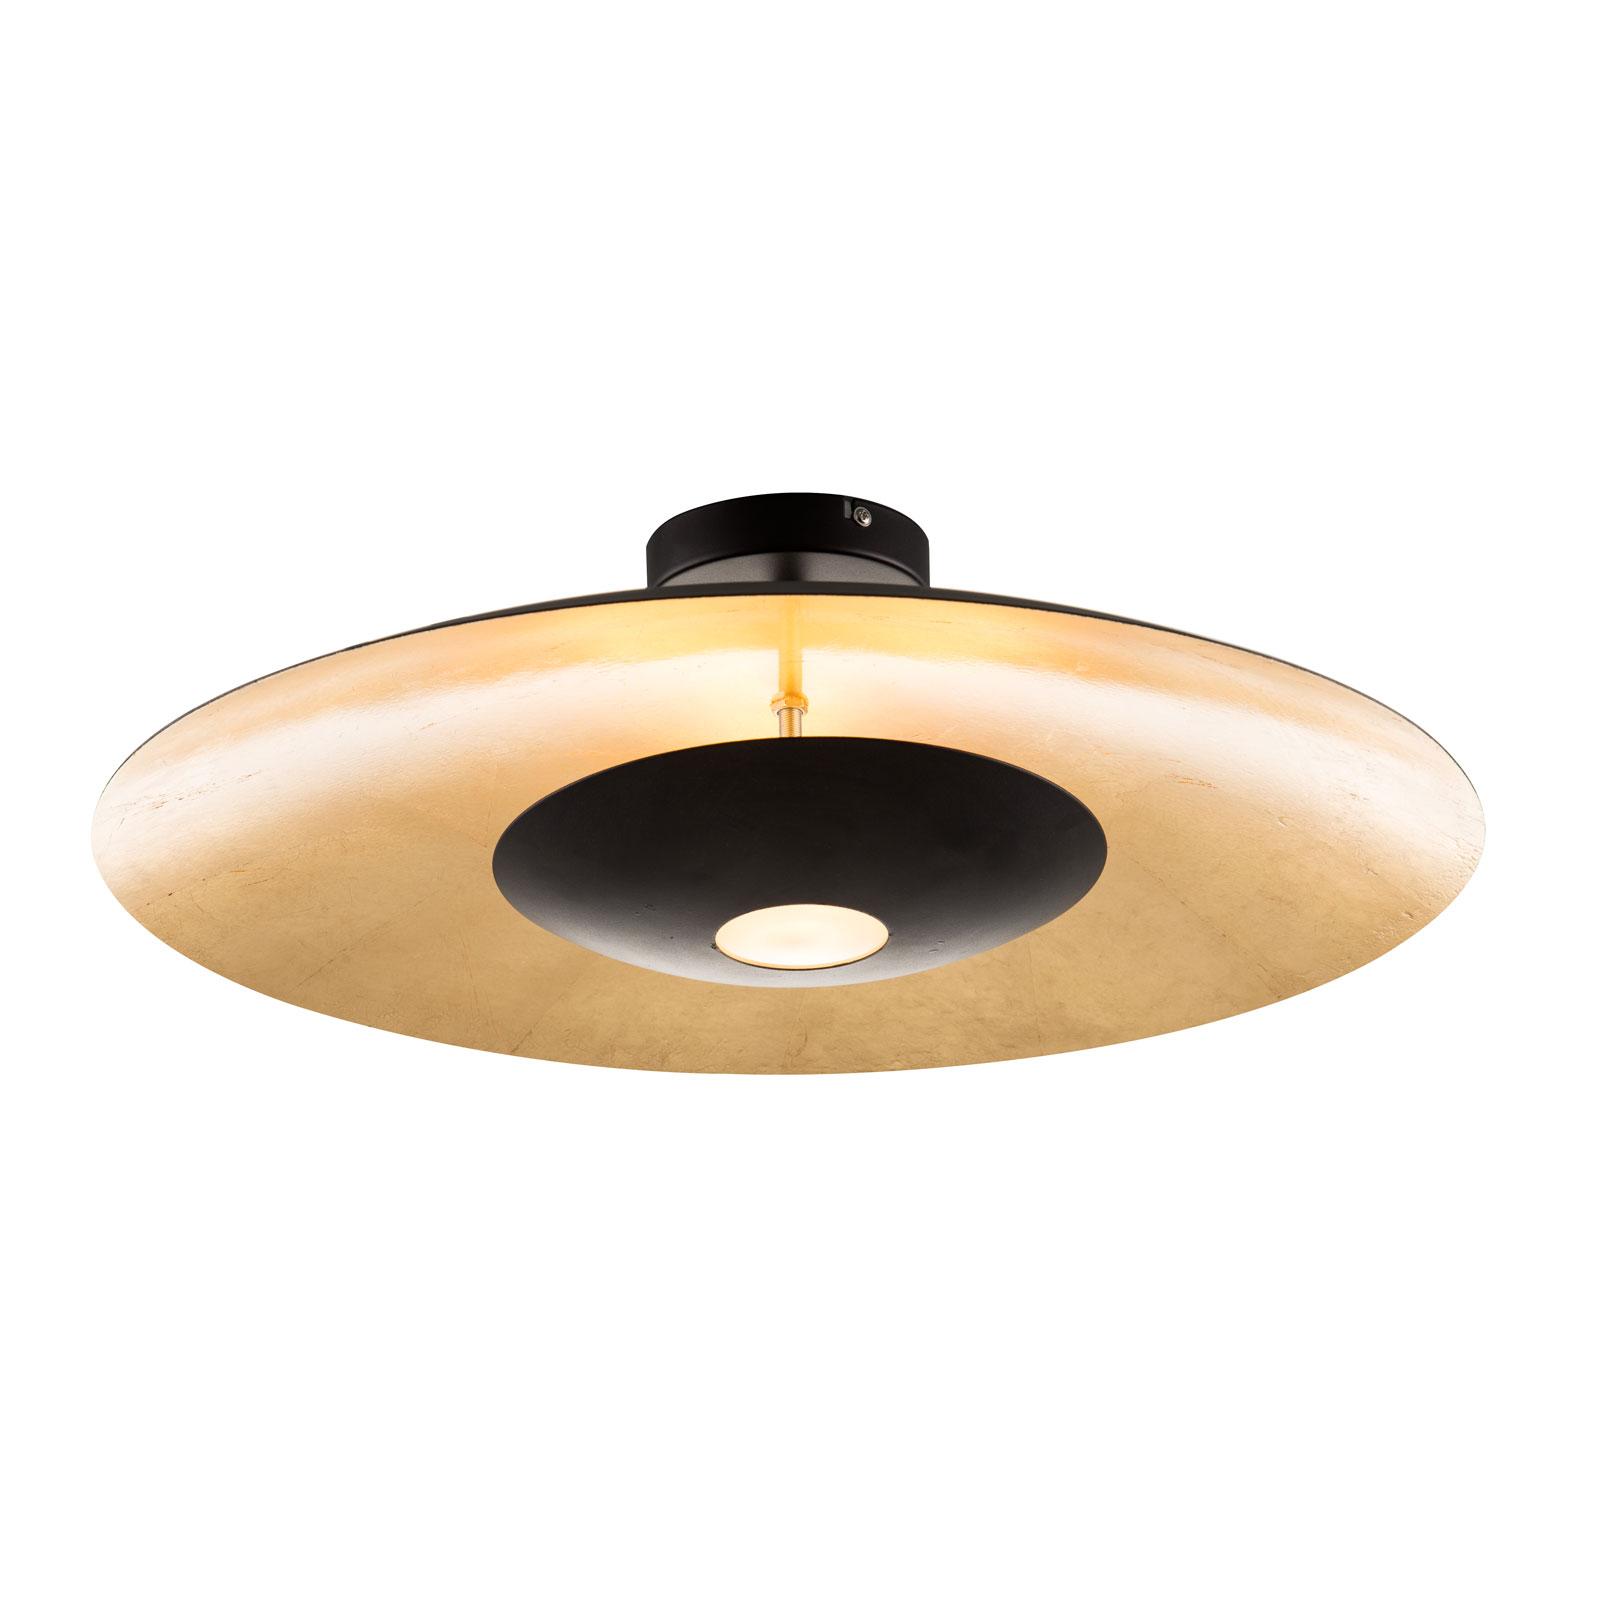 Lampa sufitowa LED Minas czarno-złota, ściemniana